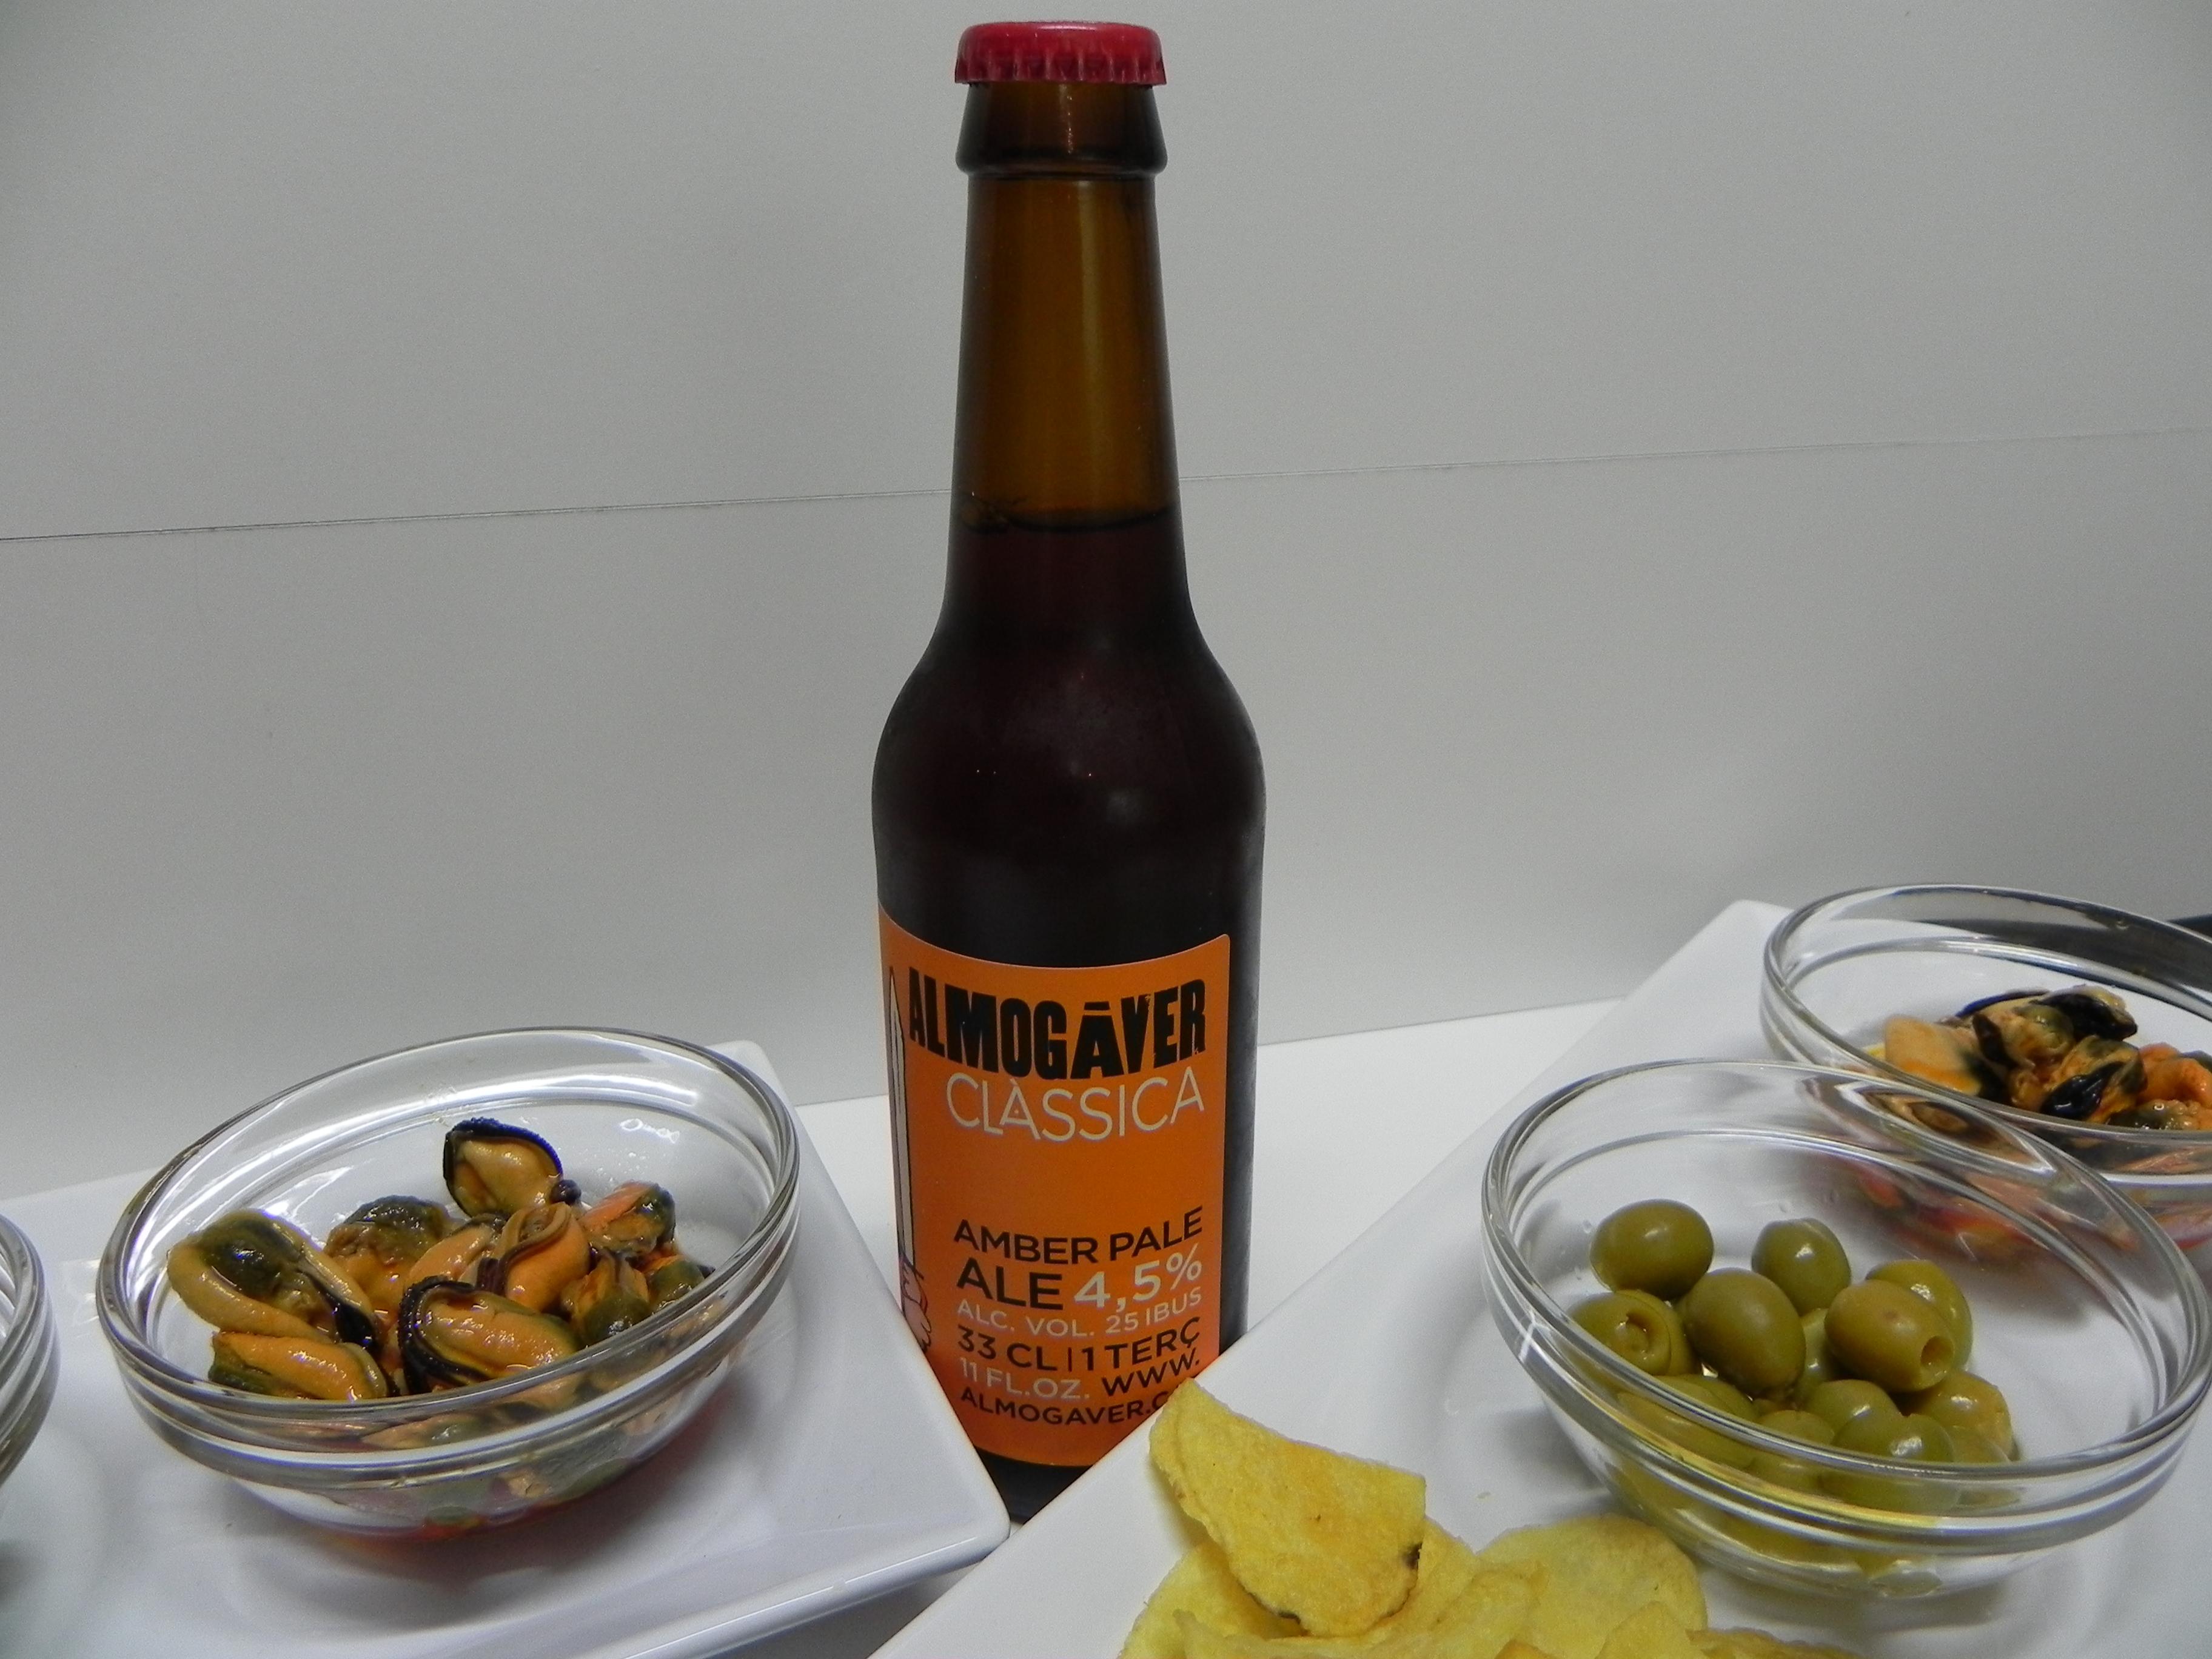 cervesa almogaver